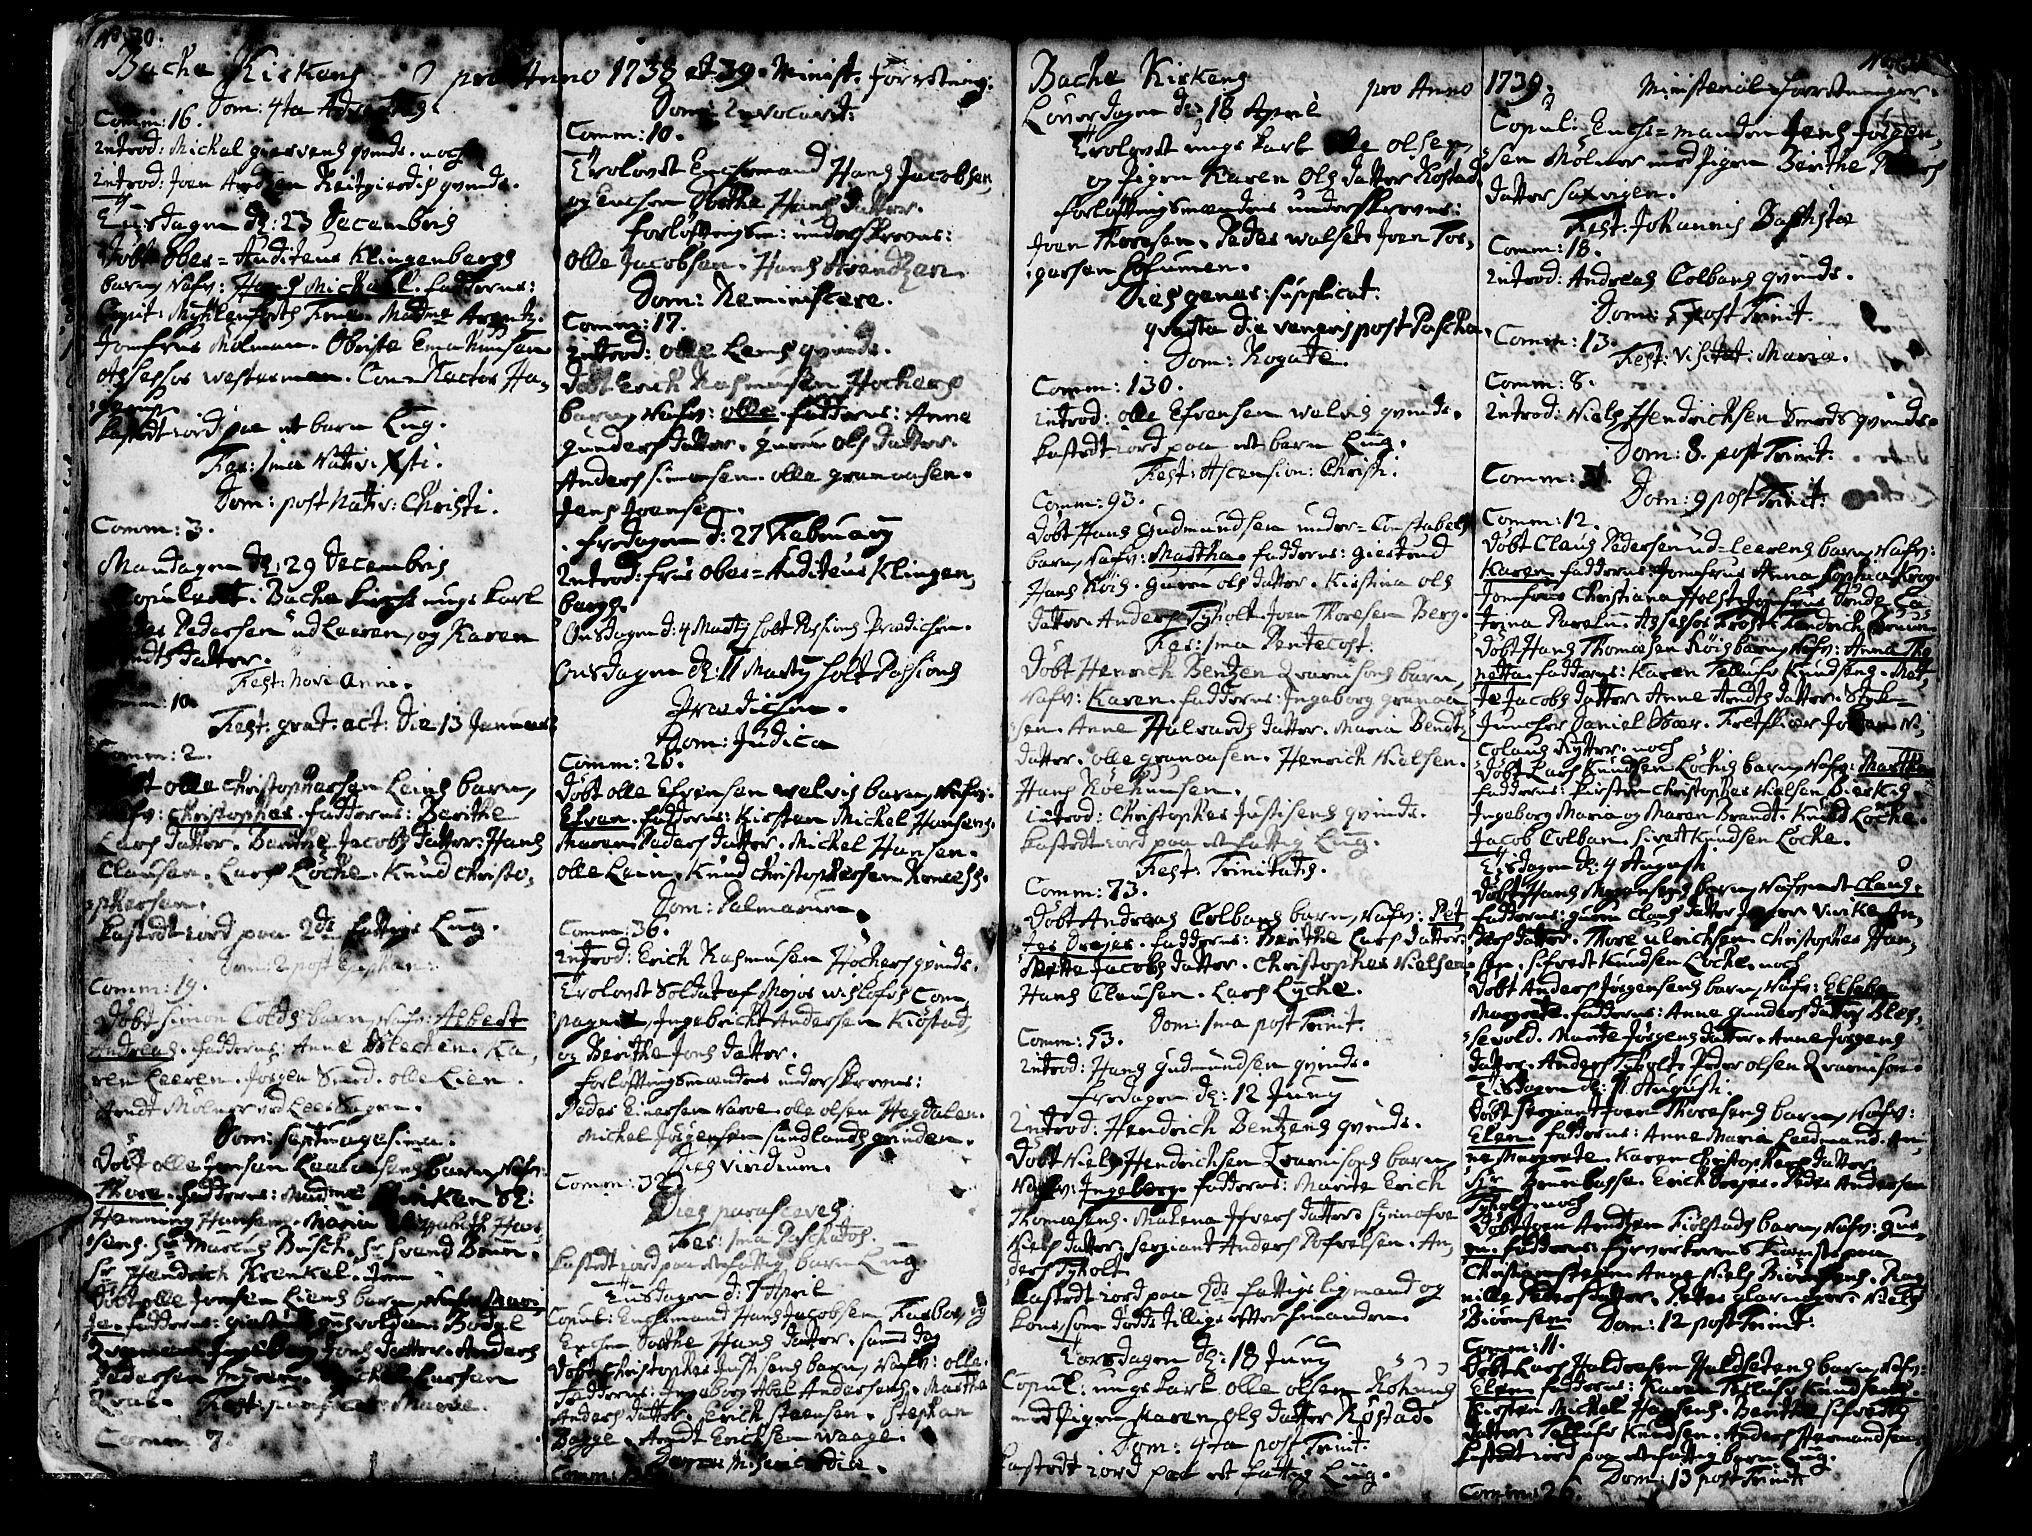 SAT, Ministerialprotokoller, klokkerbøker og fødselsregistre - Sør-Trøndelag, 606/L0276: Ministerialbok nr. 606A01 /2, 1727-1779, s. 30-31